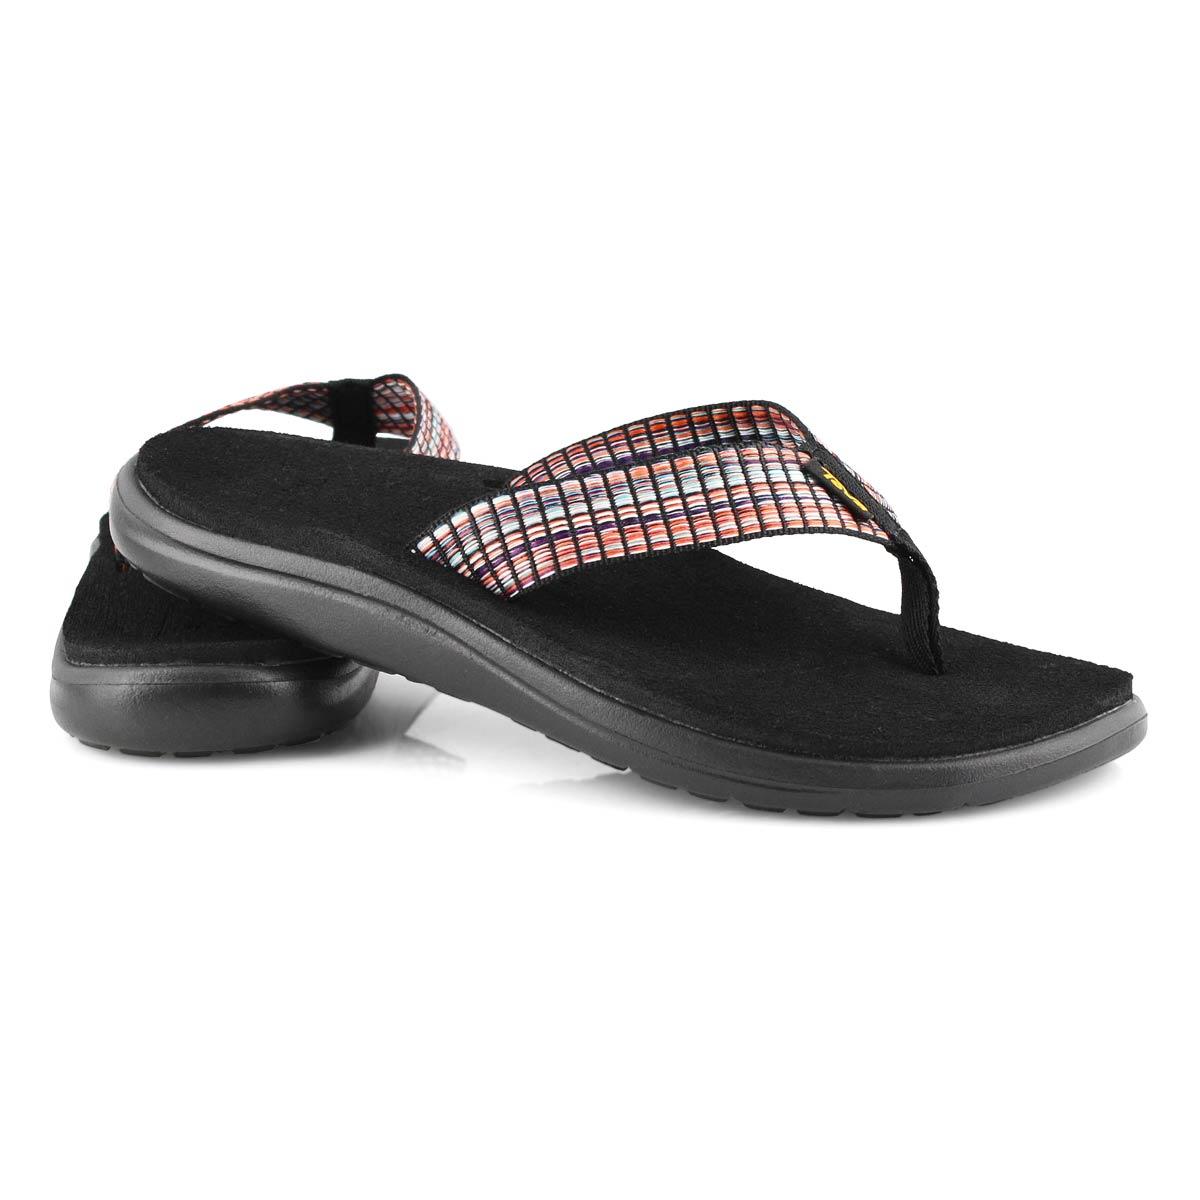 Sandale,Voya Flip, multi/noir ,femmes